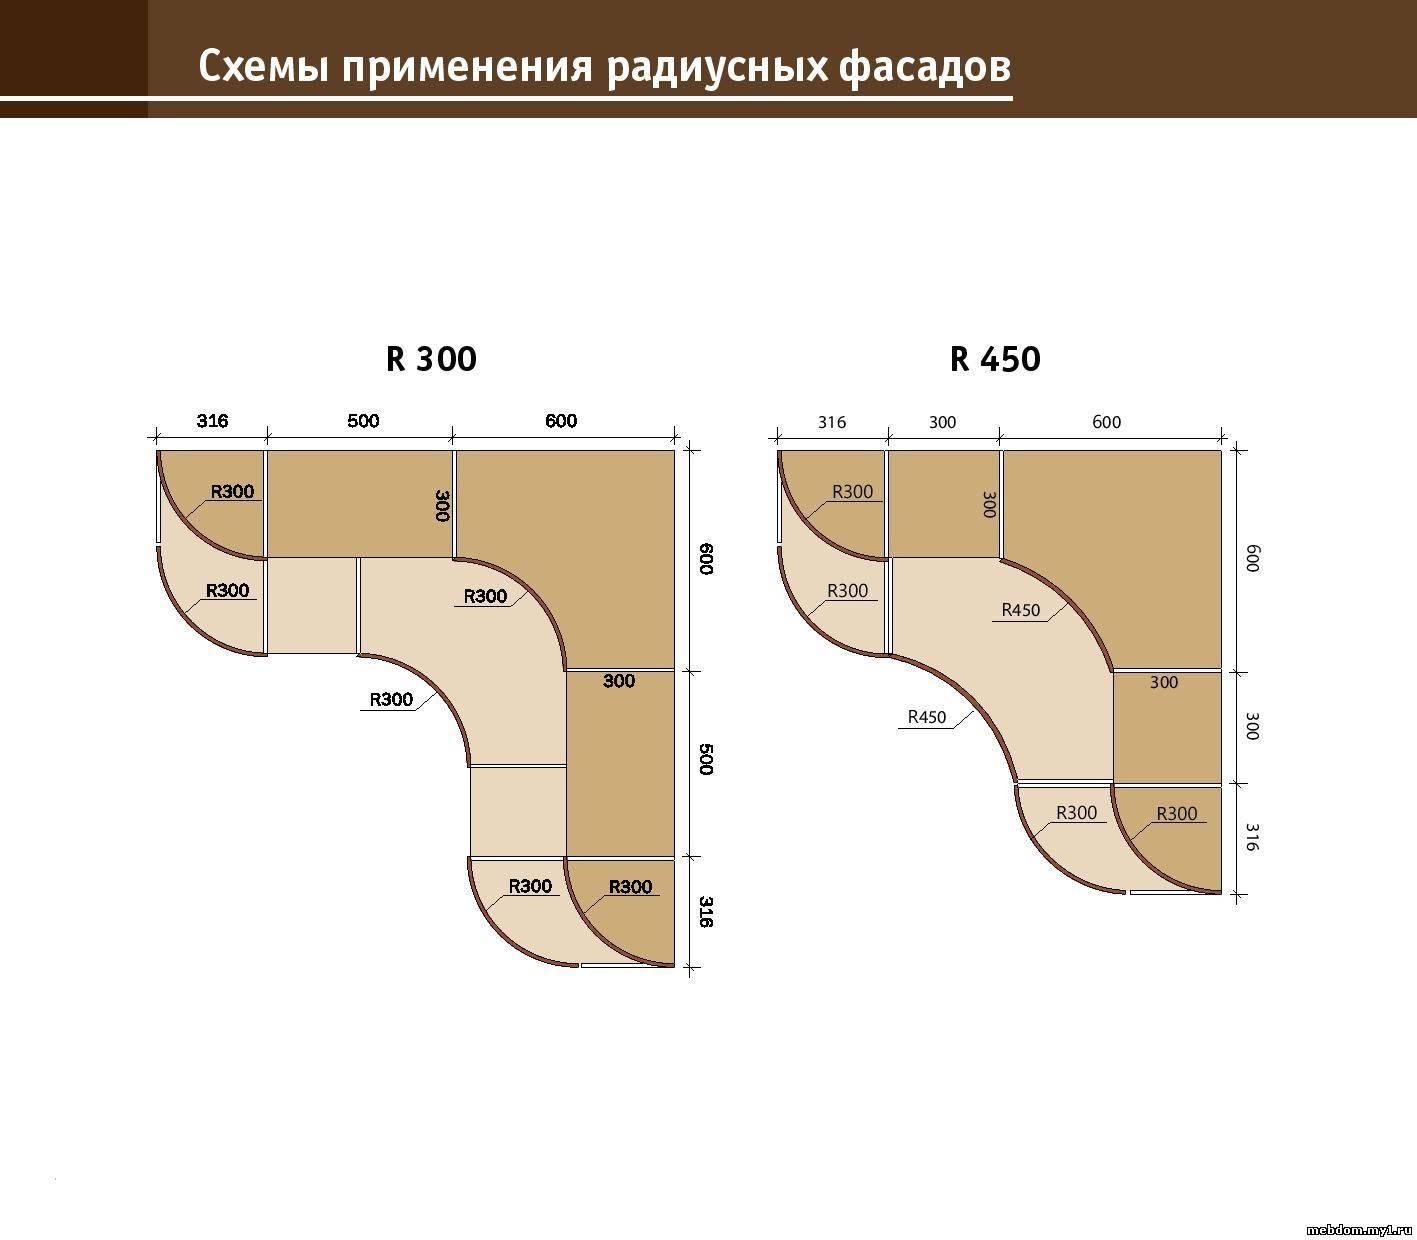 Как сделать радиусные фасады своими руками